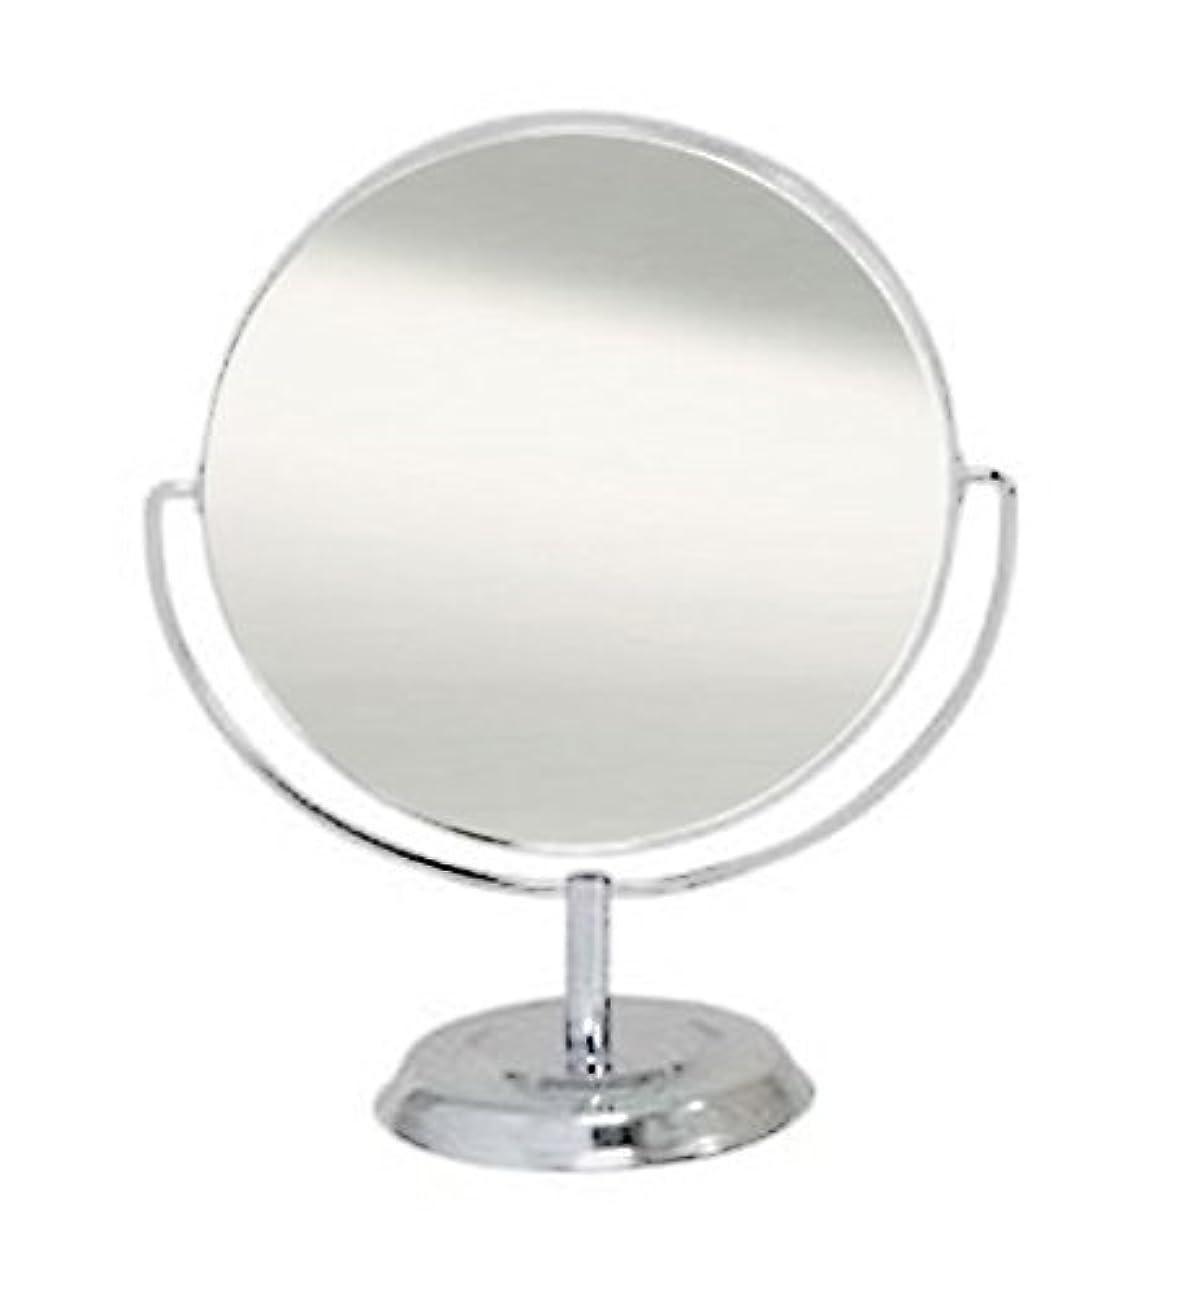 ビヨン事前特別な鏡 卓上ミラー 丸型 両面 拡大鏡約2倍付 No.5860 シルバー